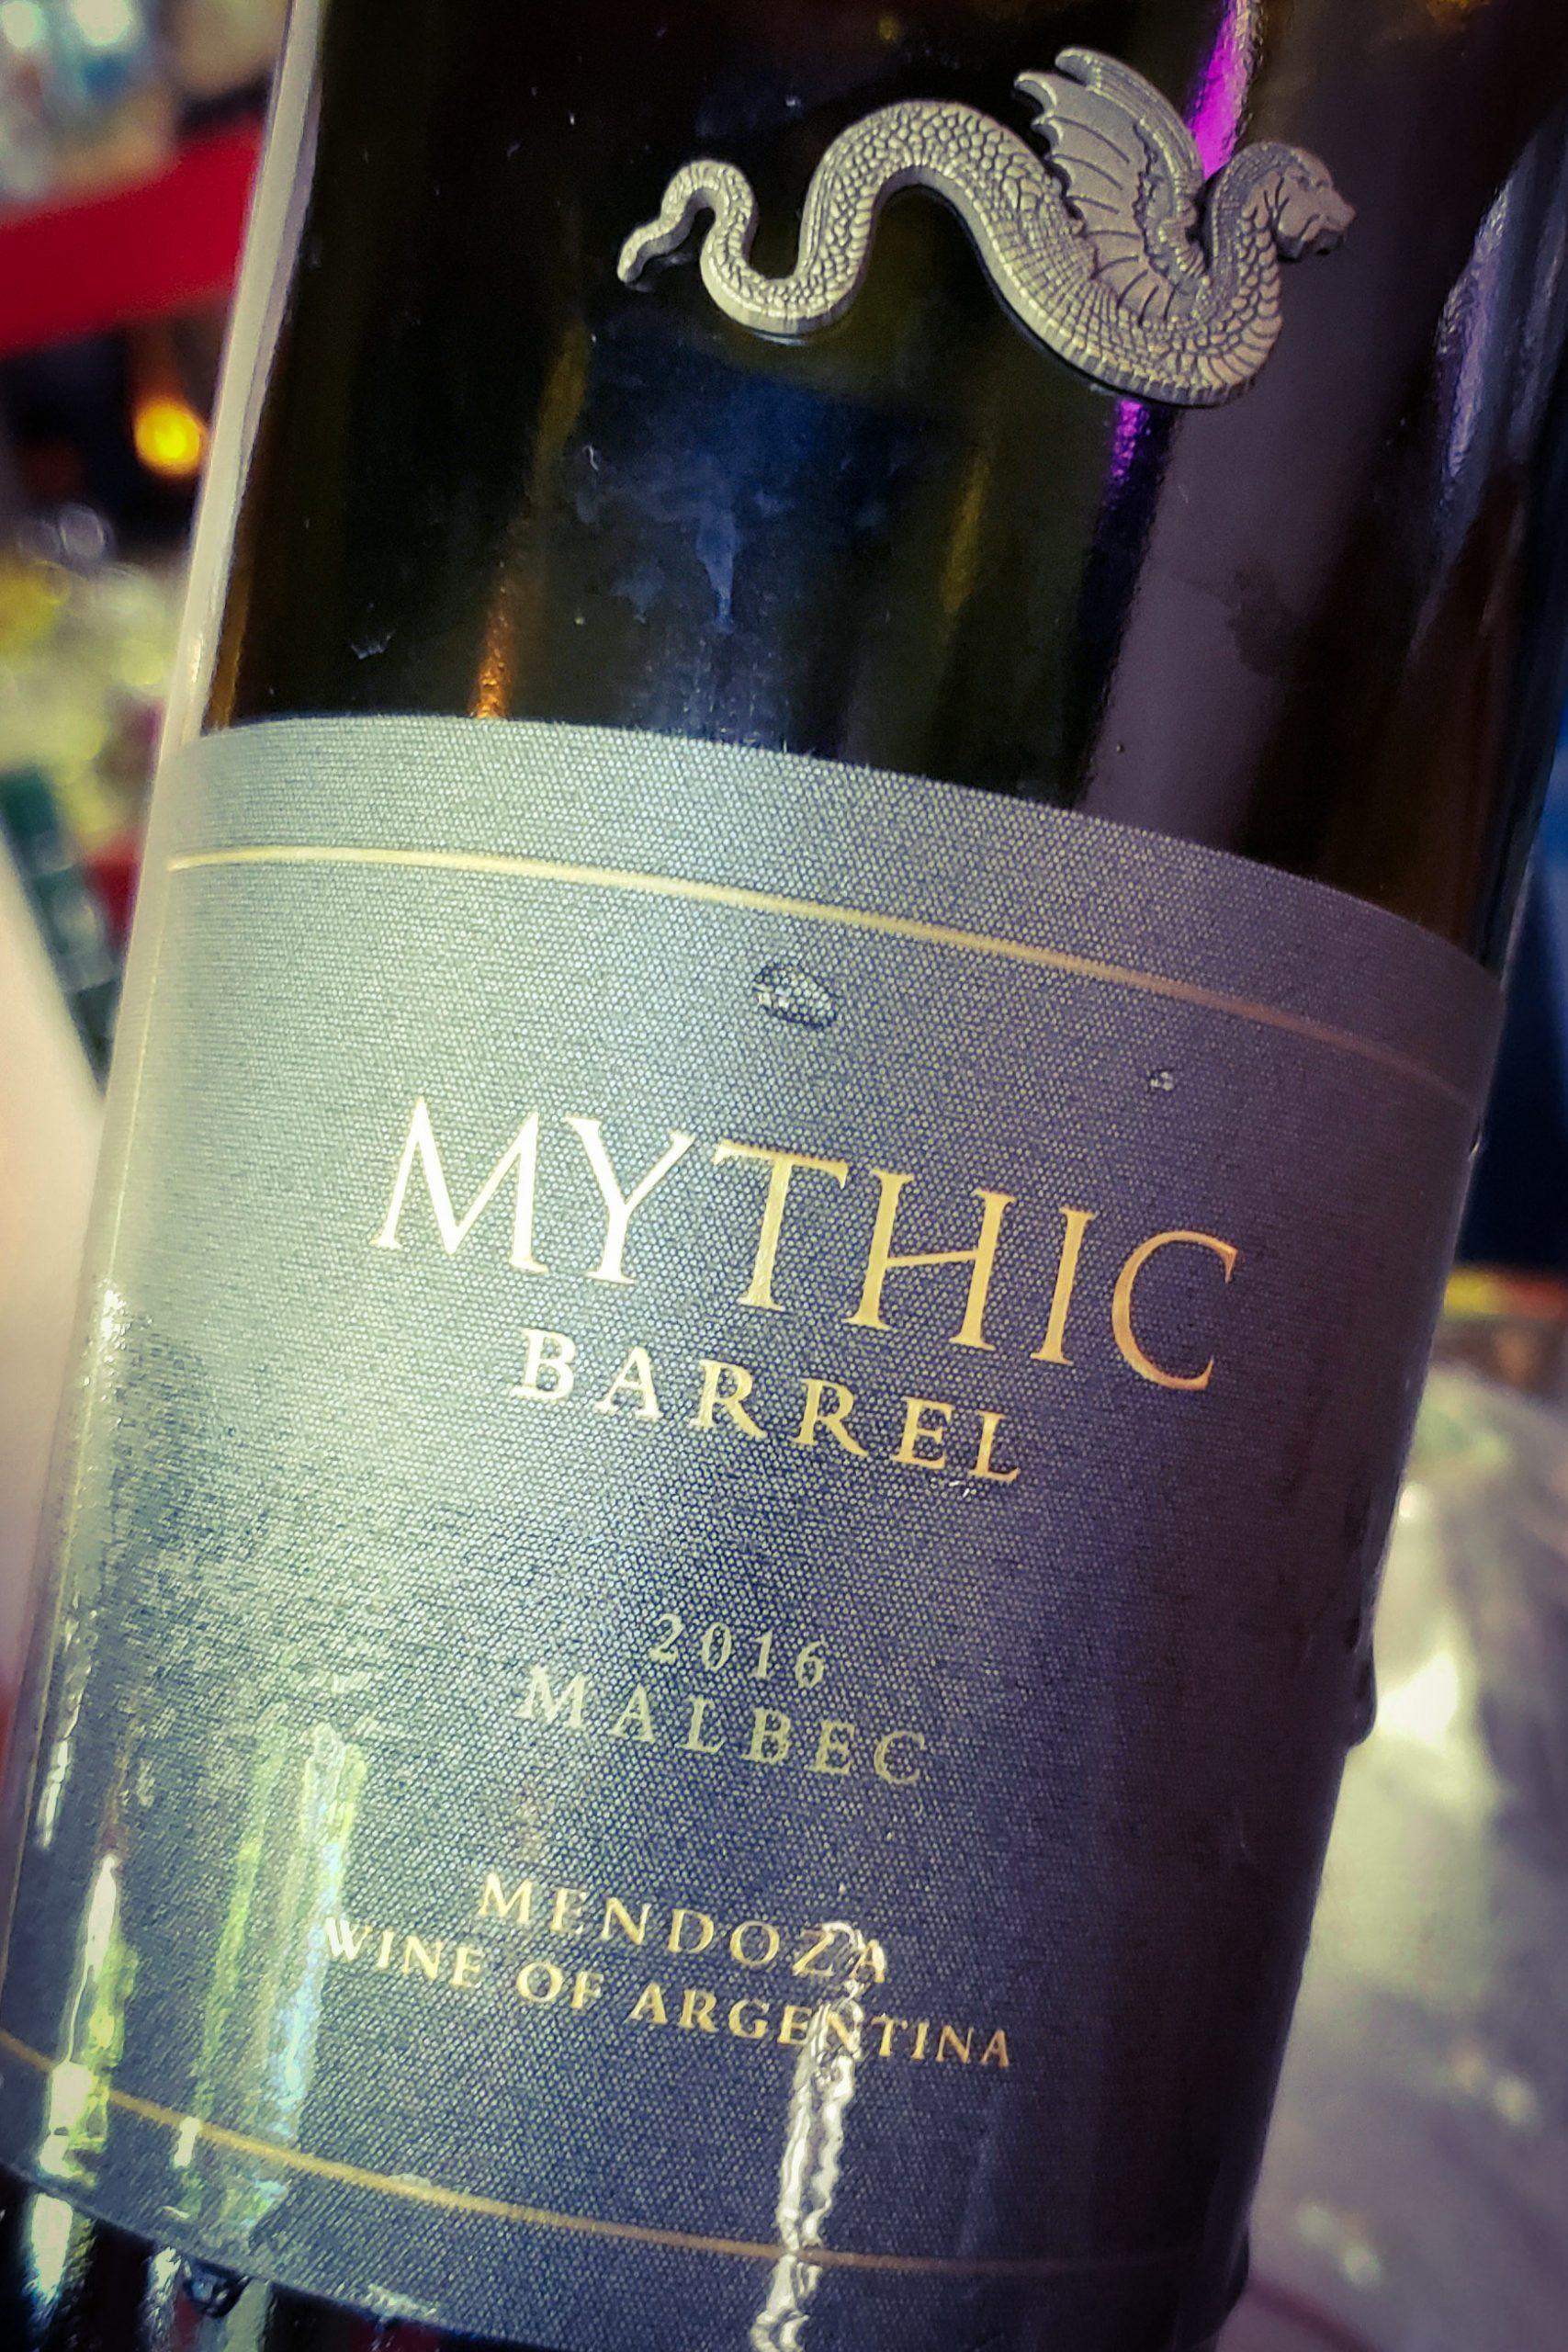 Mythic: Libertad, búsqueda y aventura 16